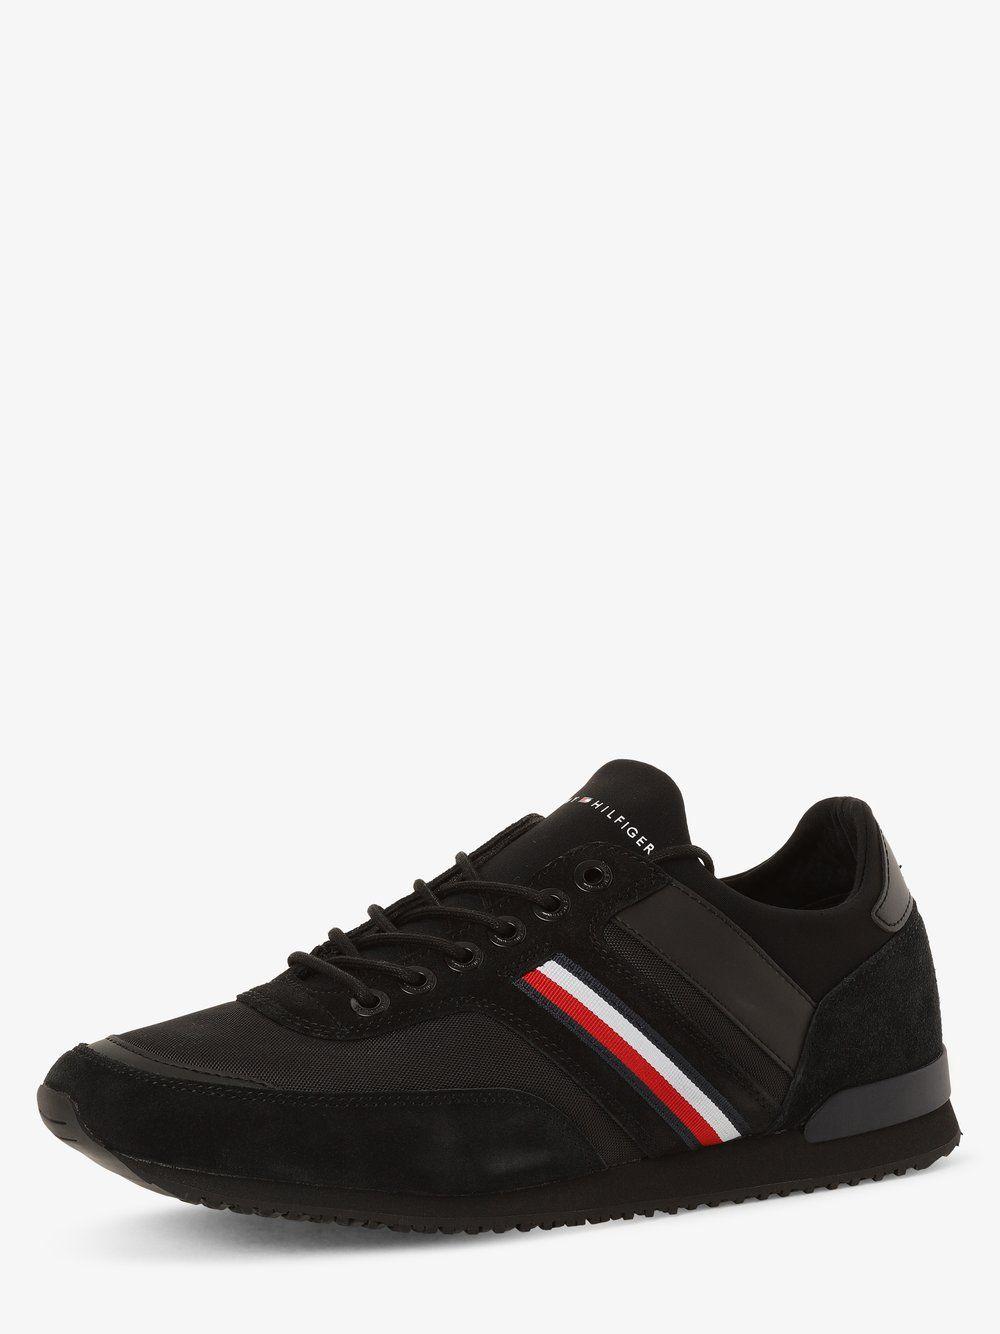 Tommy Hilfiger Herren Sneaker online kaufen | PEEK UND